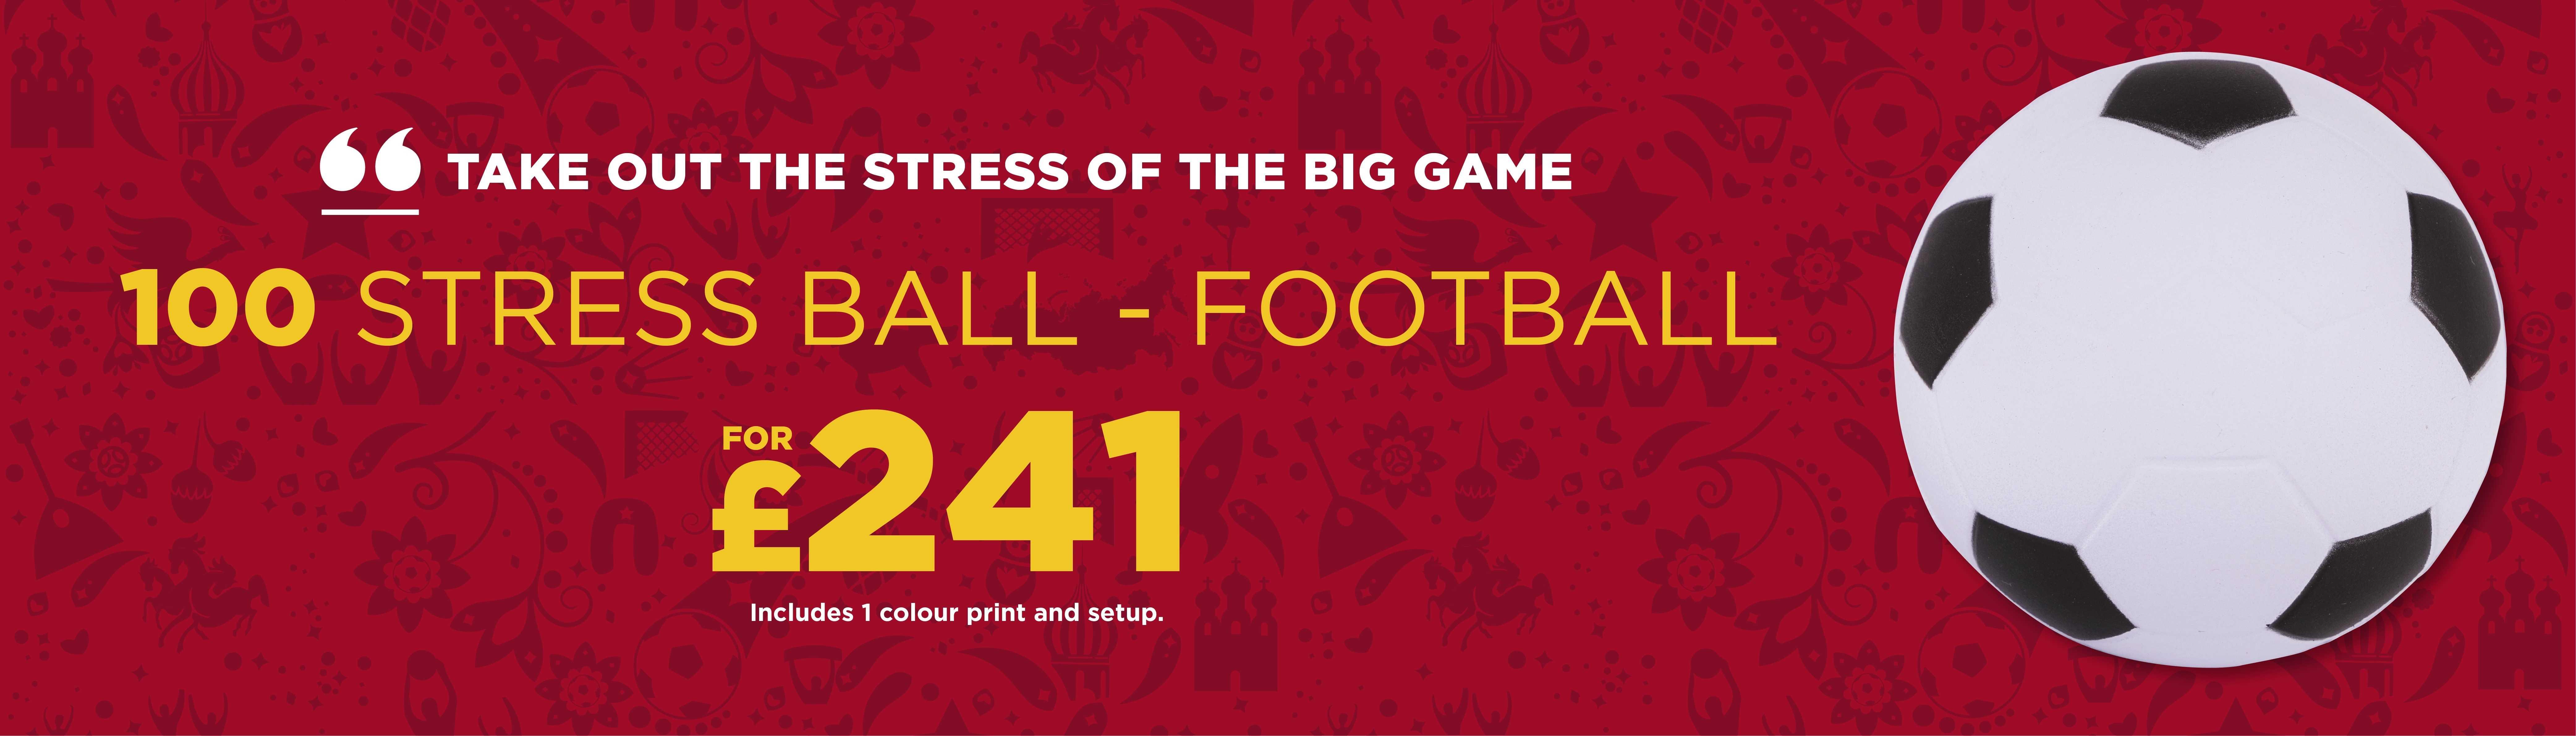 Channl Stress Football